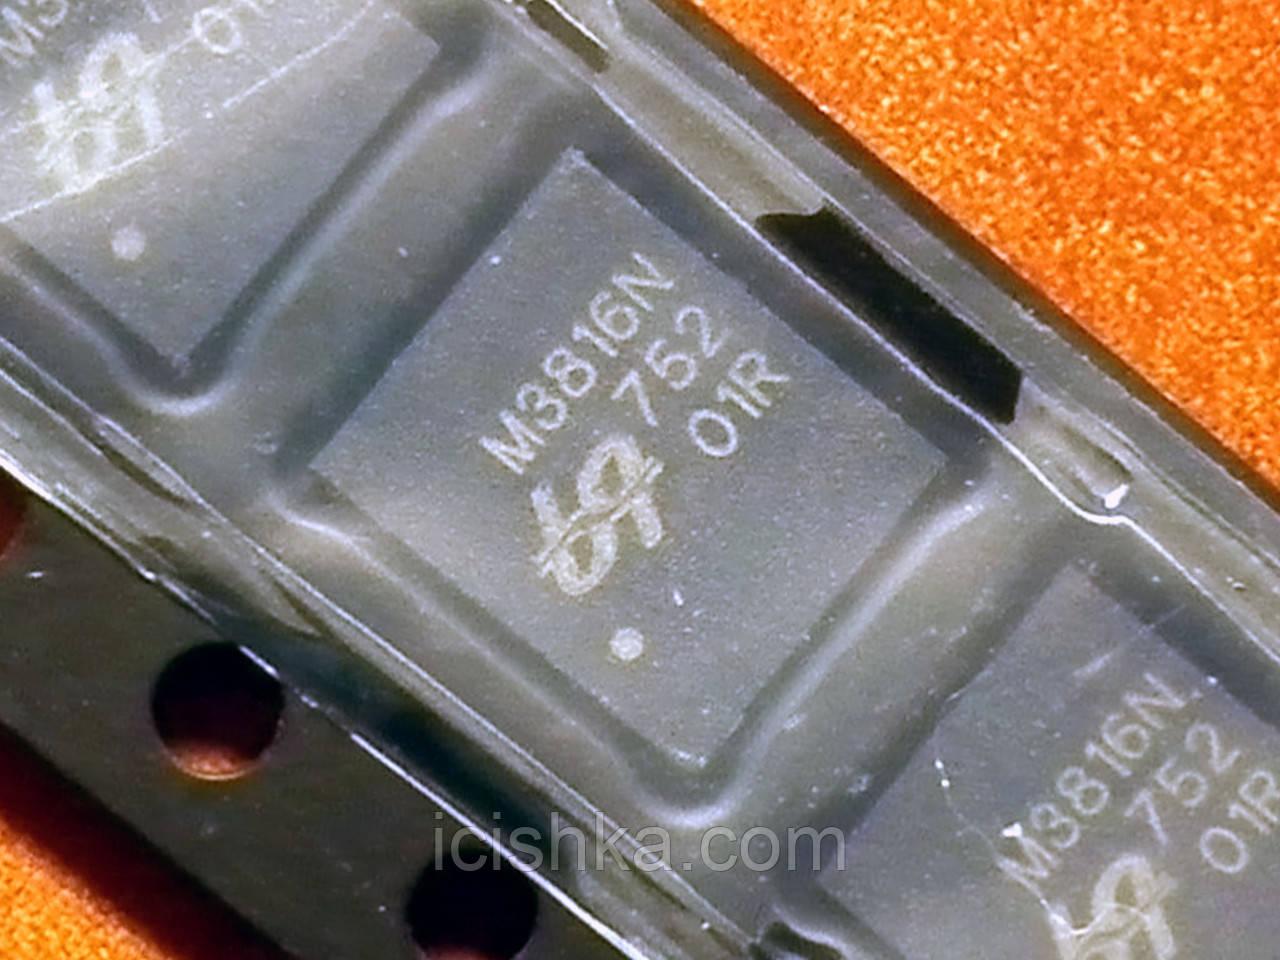 QM3816N6 / M3816N 6*4mm - 30V 51+117A Dual N-Channel MOSFET